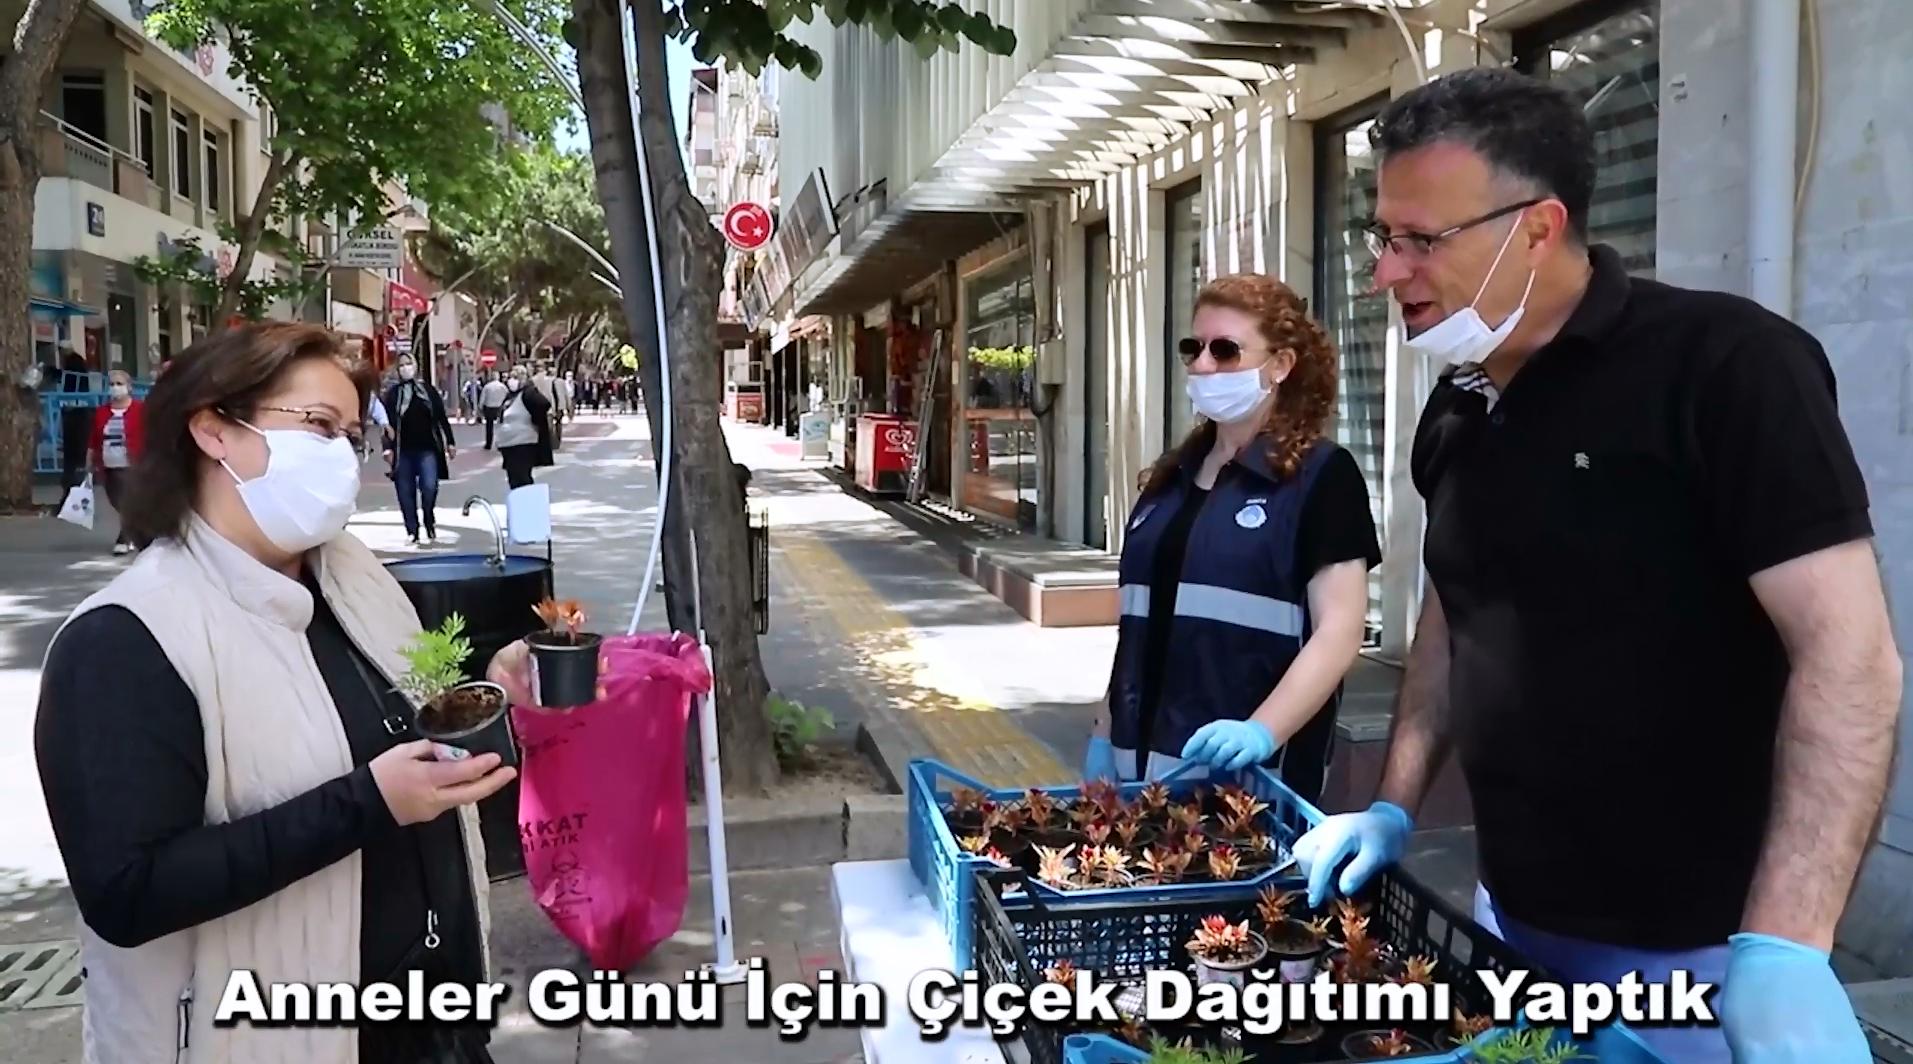 Başkan Öküzcüoğlu'ndan Anneler Gününe Özel Çiçek Dağıtımı